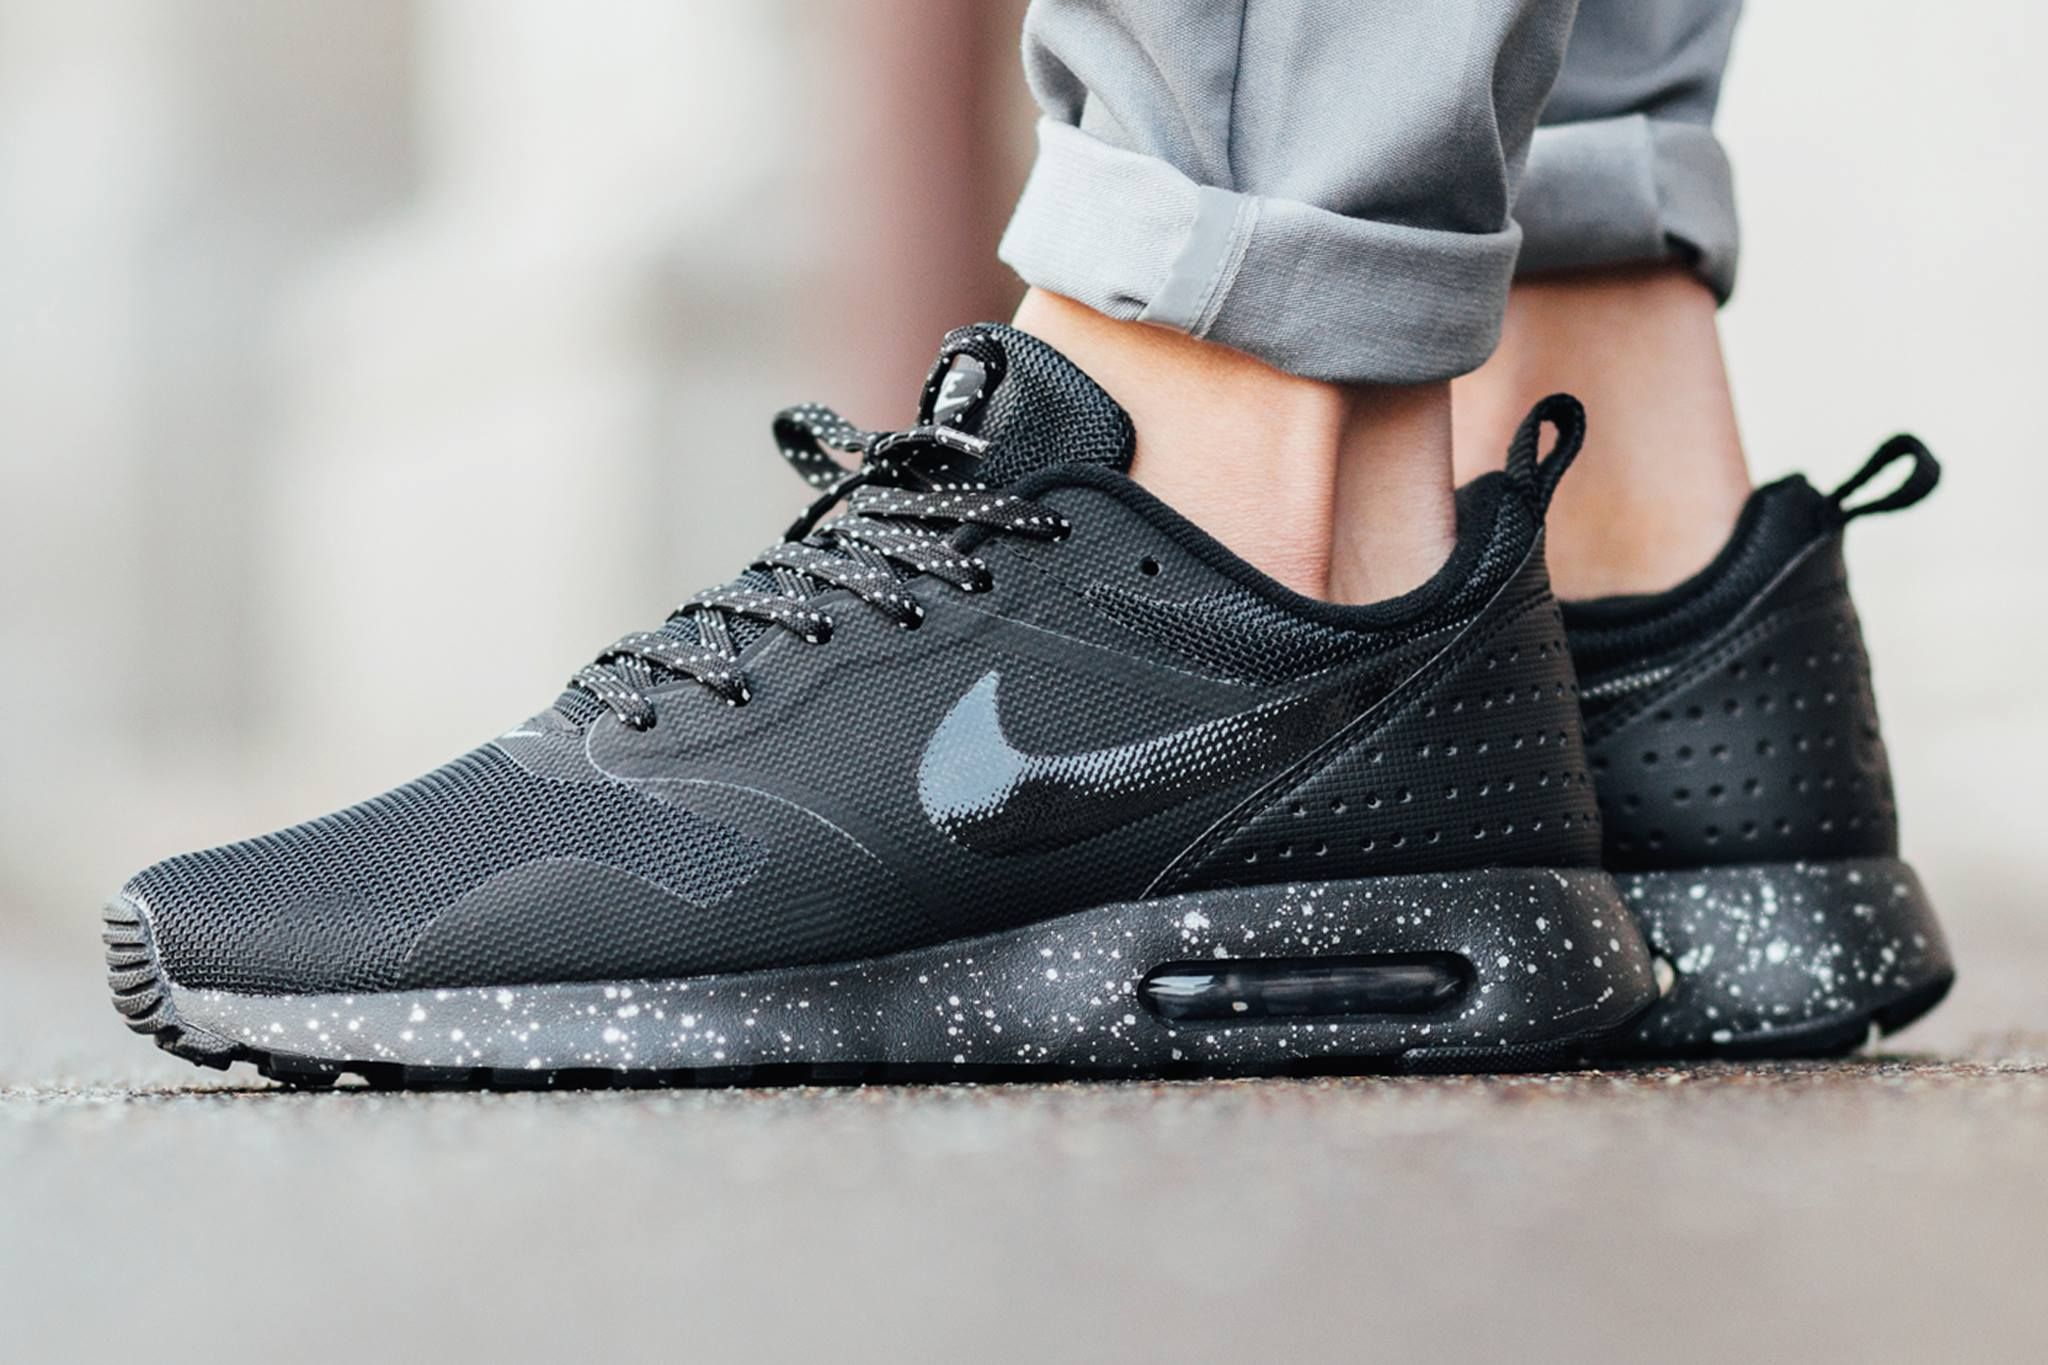 Nike Air Max Tavas Essentiels Chandeliers Détain Noir-noir-métalliques